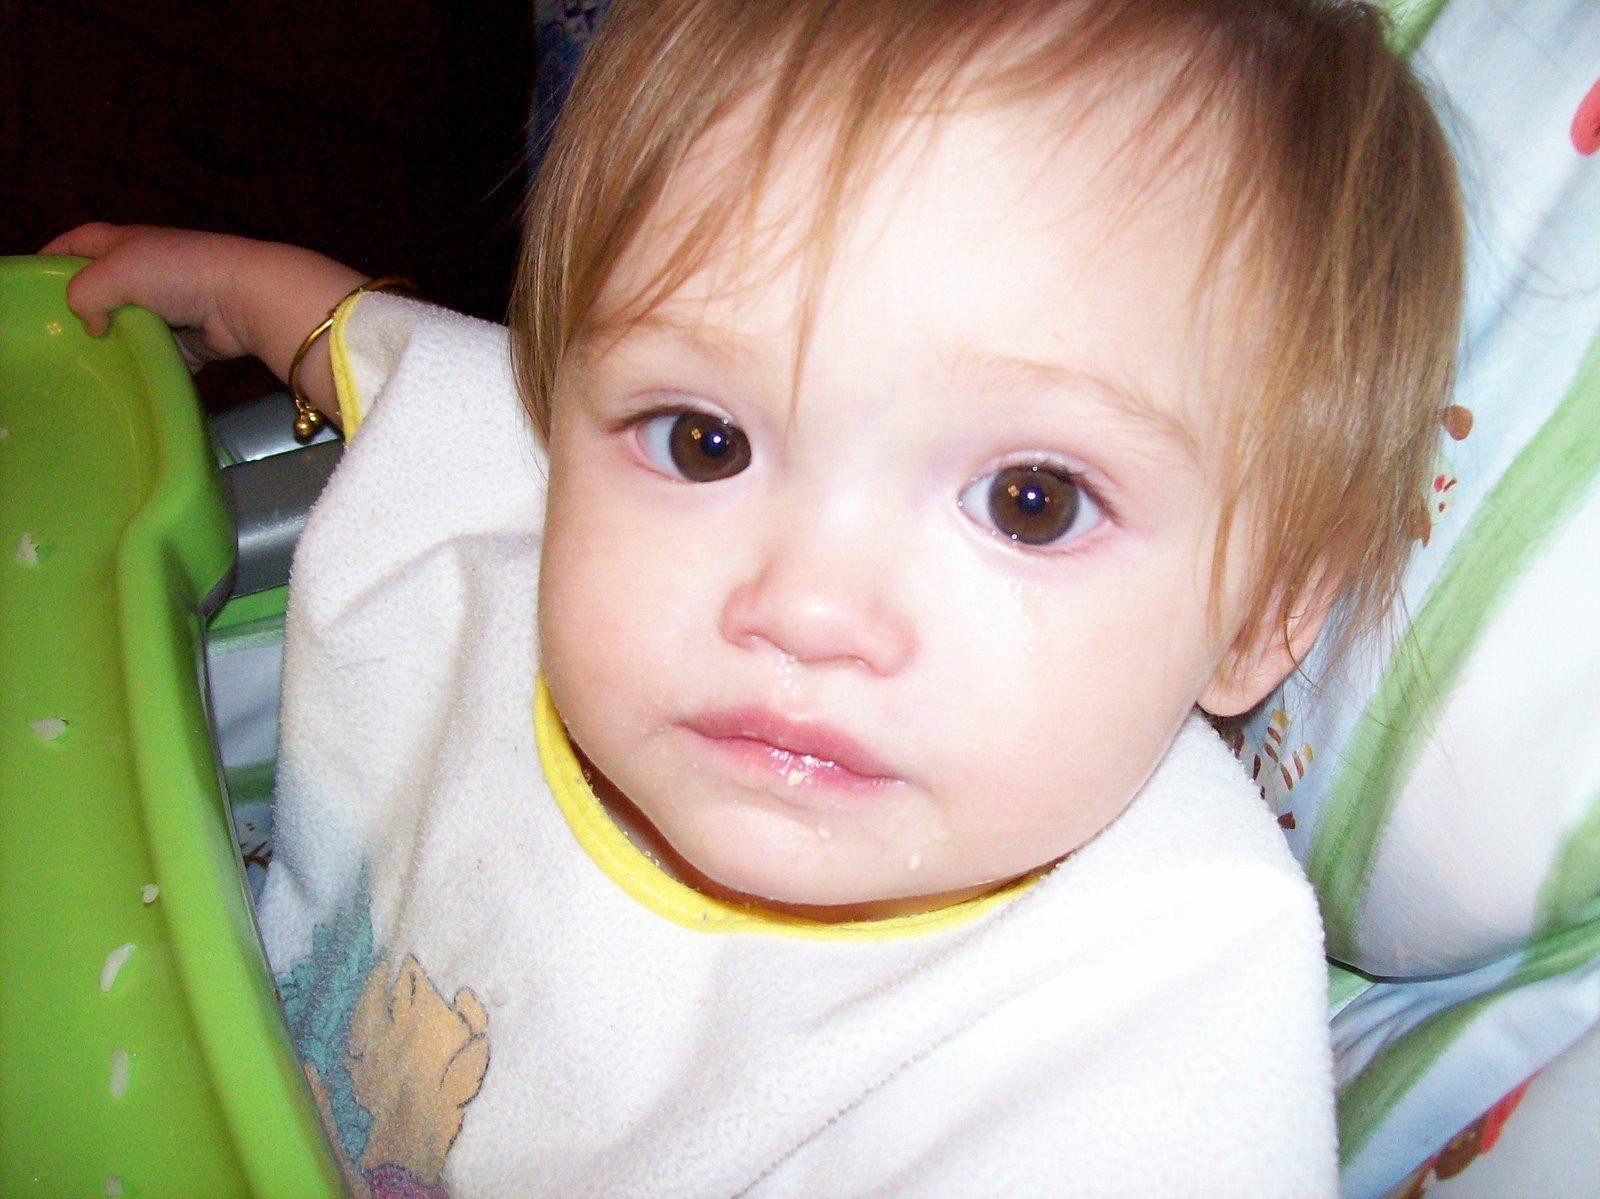 Bella's daughter